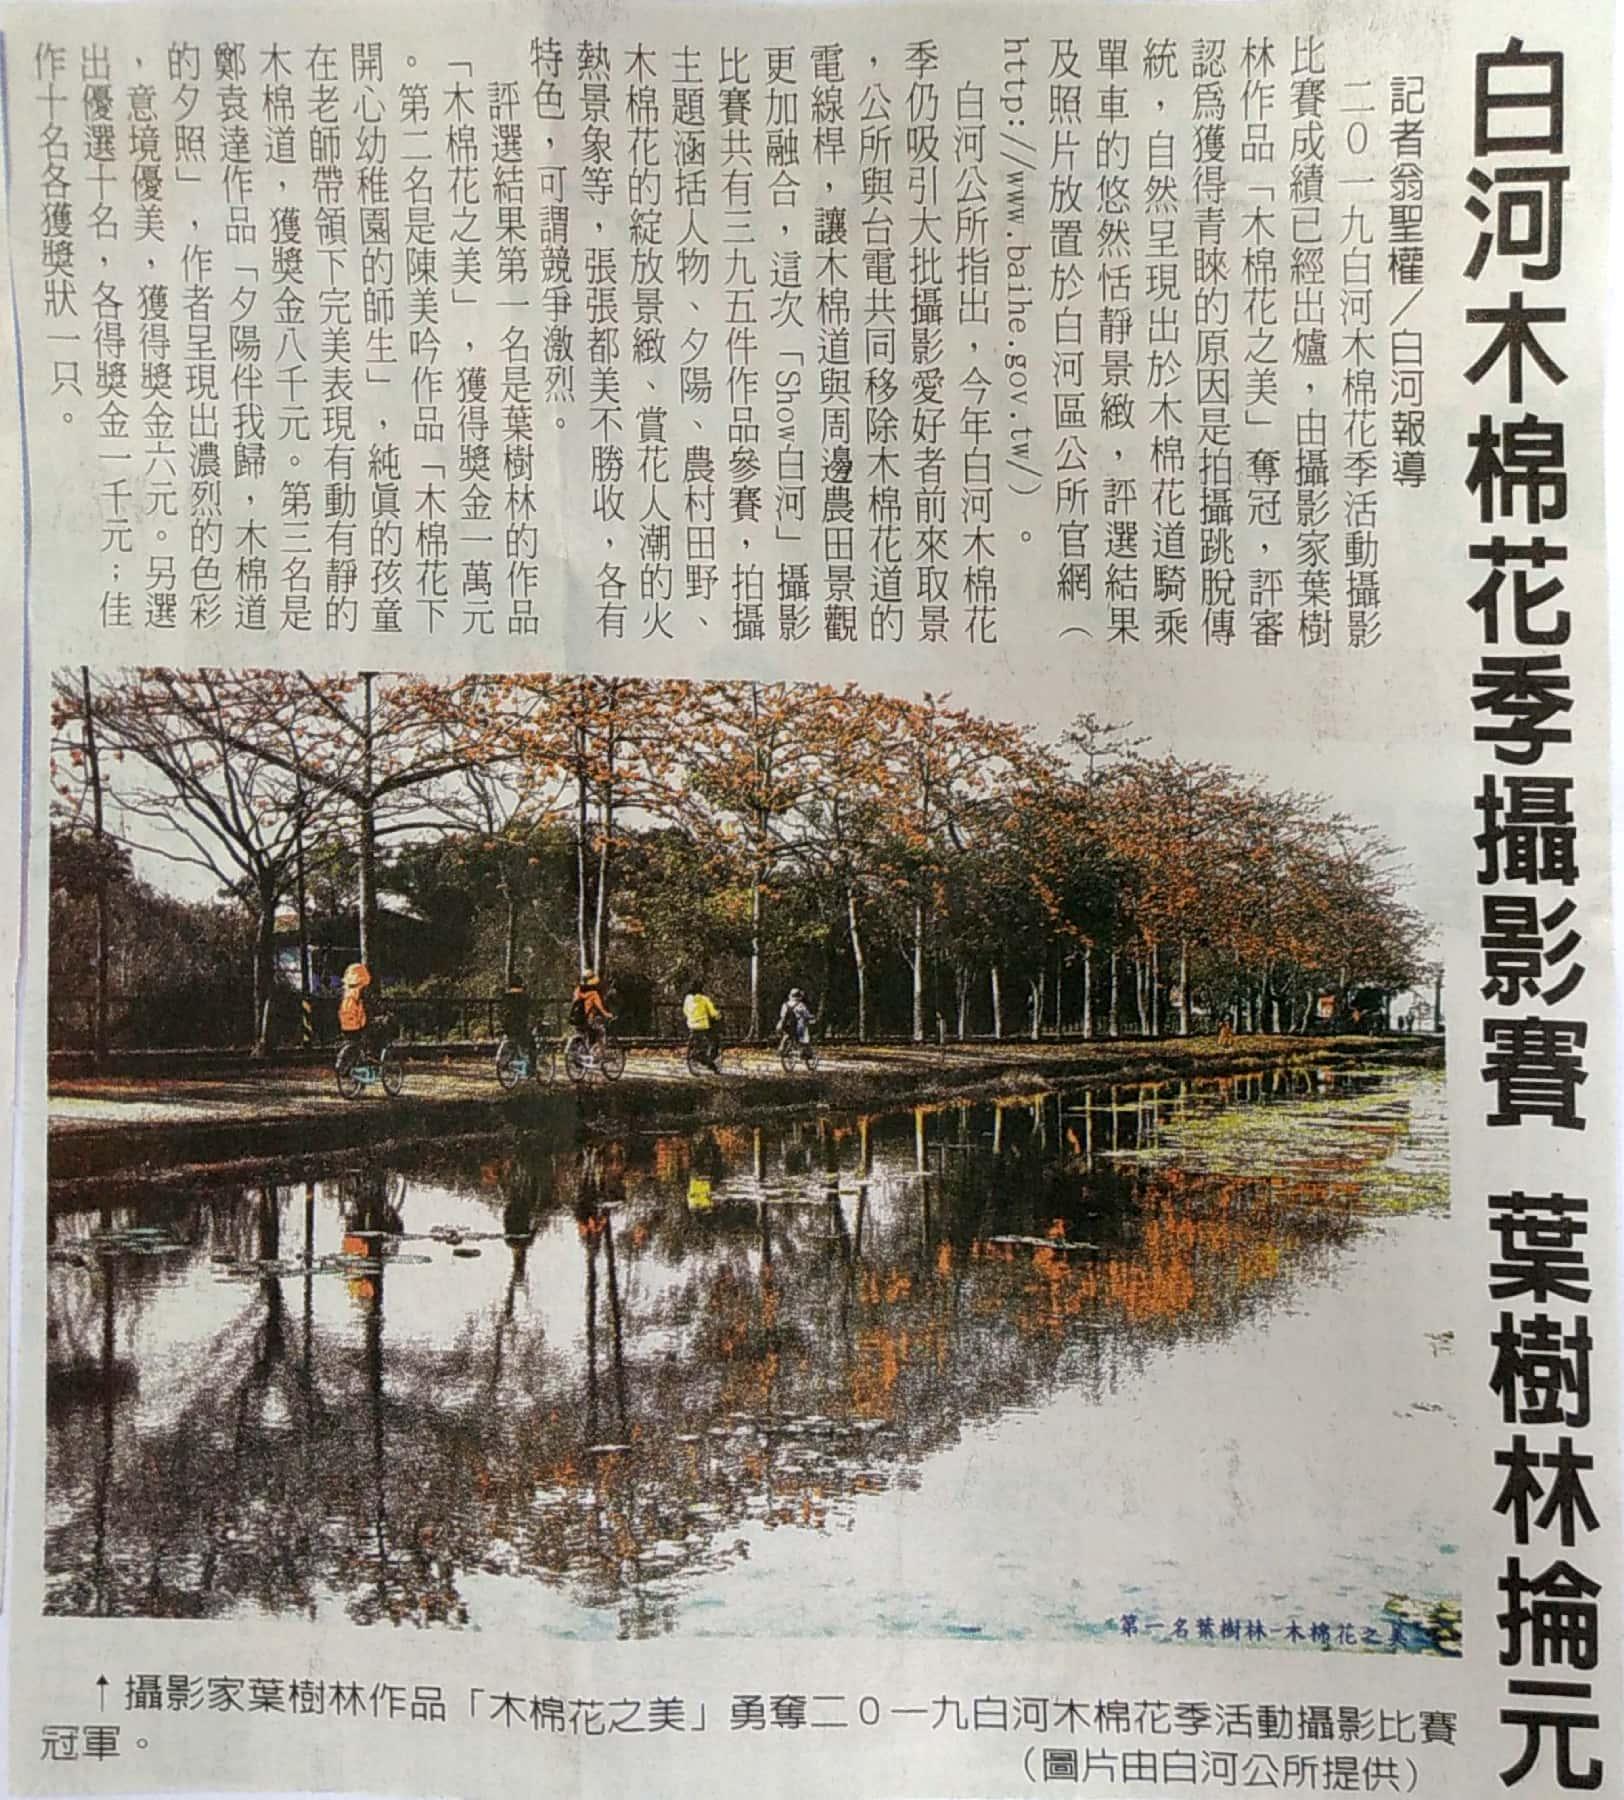 木棉花季攝影比賽出爐,葉樹林奪冠報導